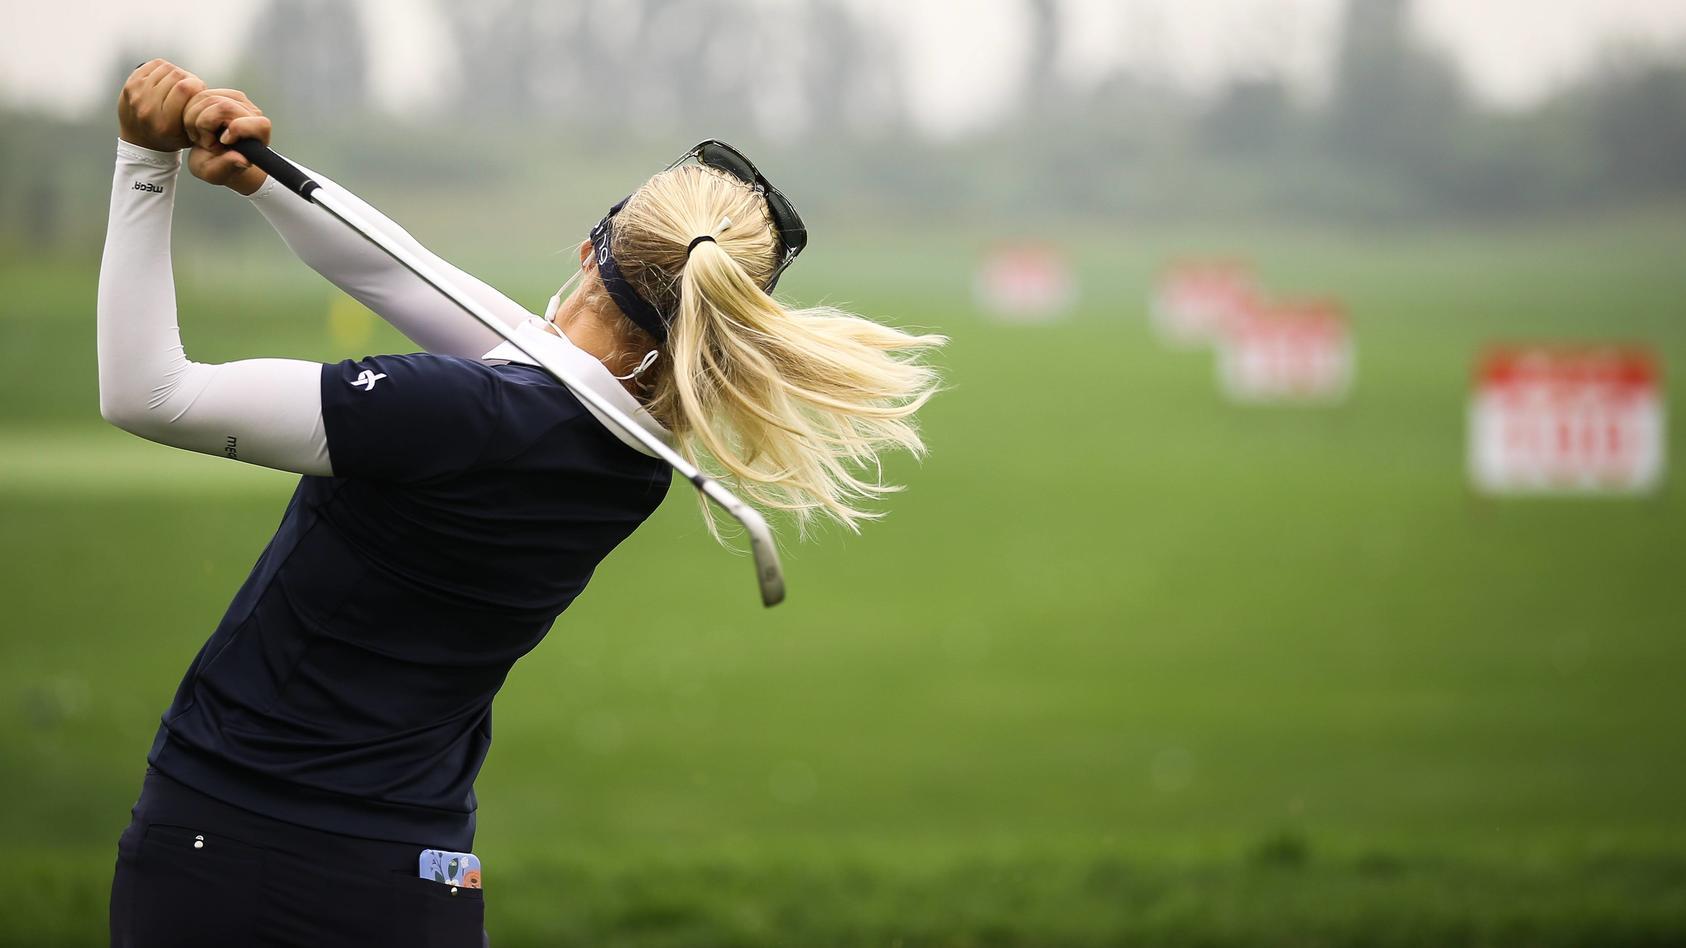 Frauen dürfen nun endlich auch in dem Golfclub in New Jersey zu jeder Zeit abschlagen.